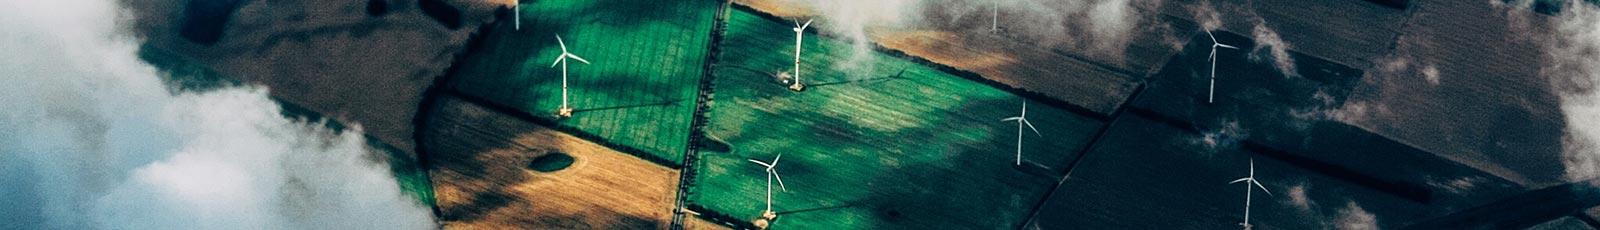 Energy-Green